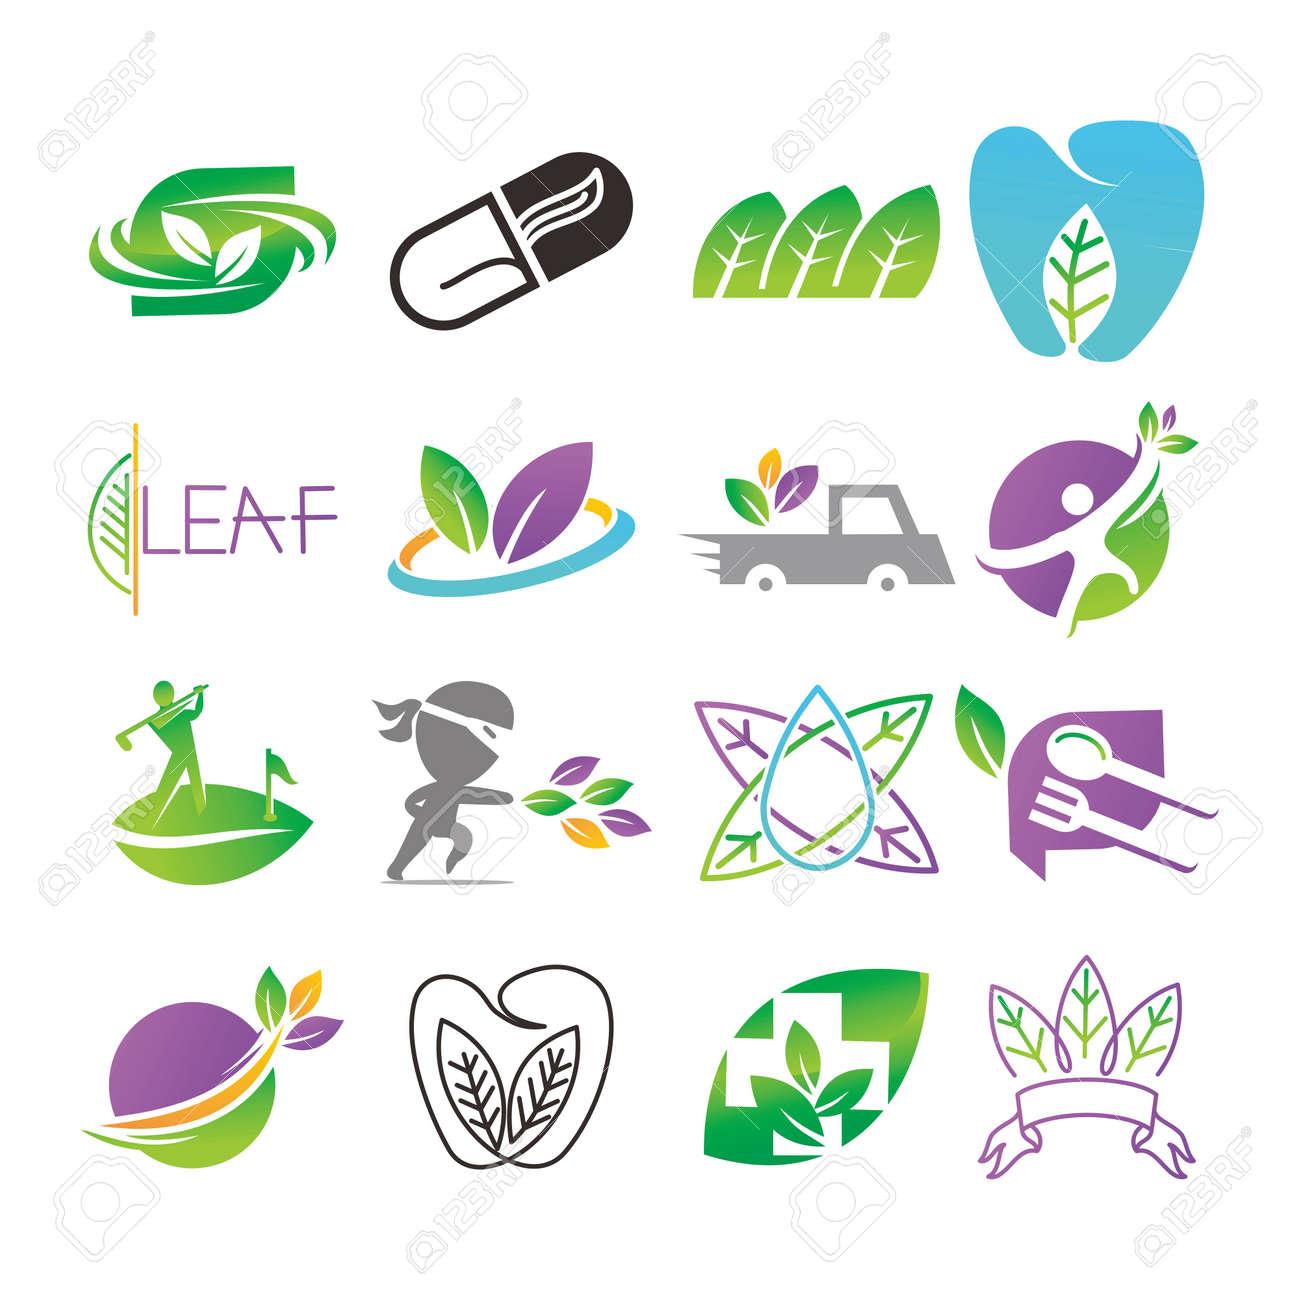 Leaf Logo Design Vector Template Set - 121554892